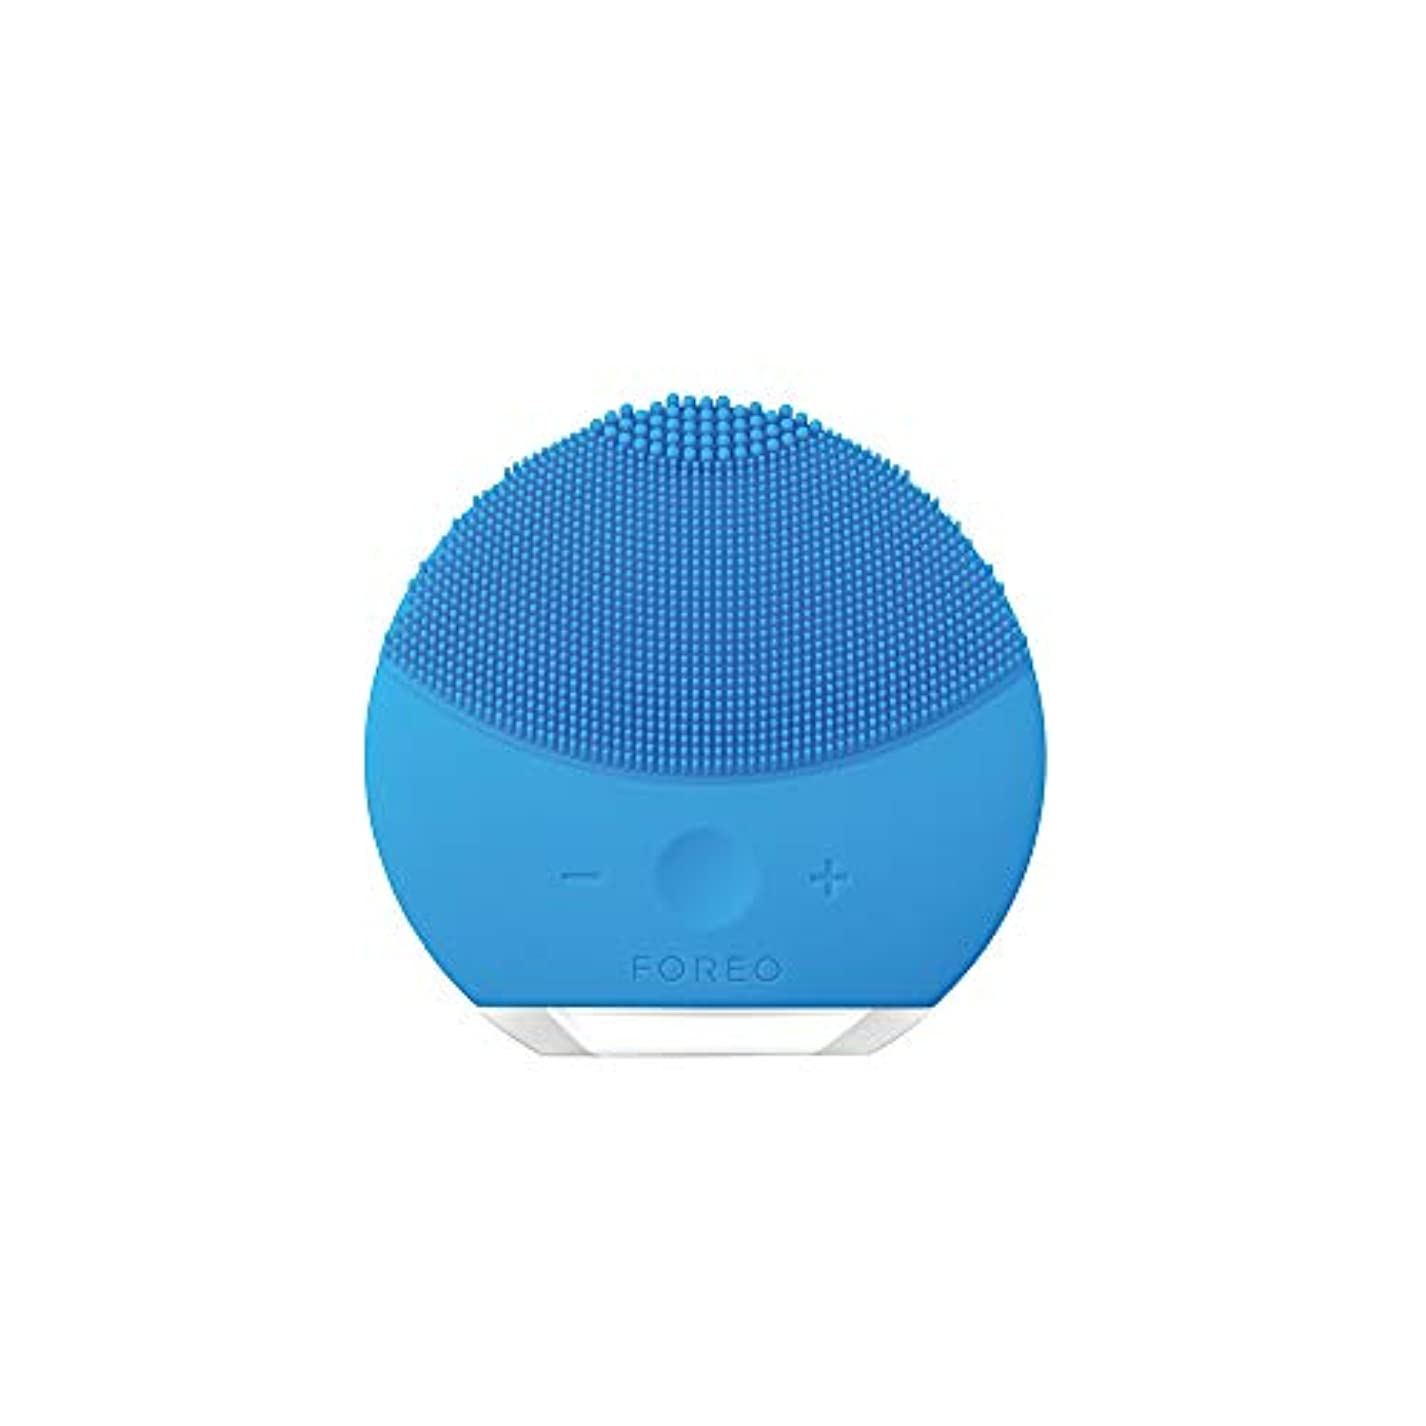 アニメーションオリエンテーショントランザクションFOREO LUNA mini 2 アクアマリン 電動洗顔ブラシ シリコーン製 音波振動